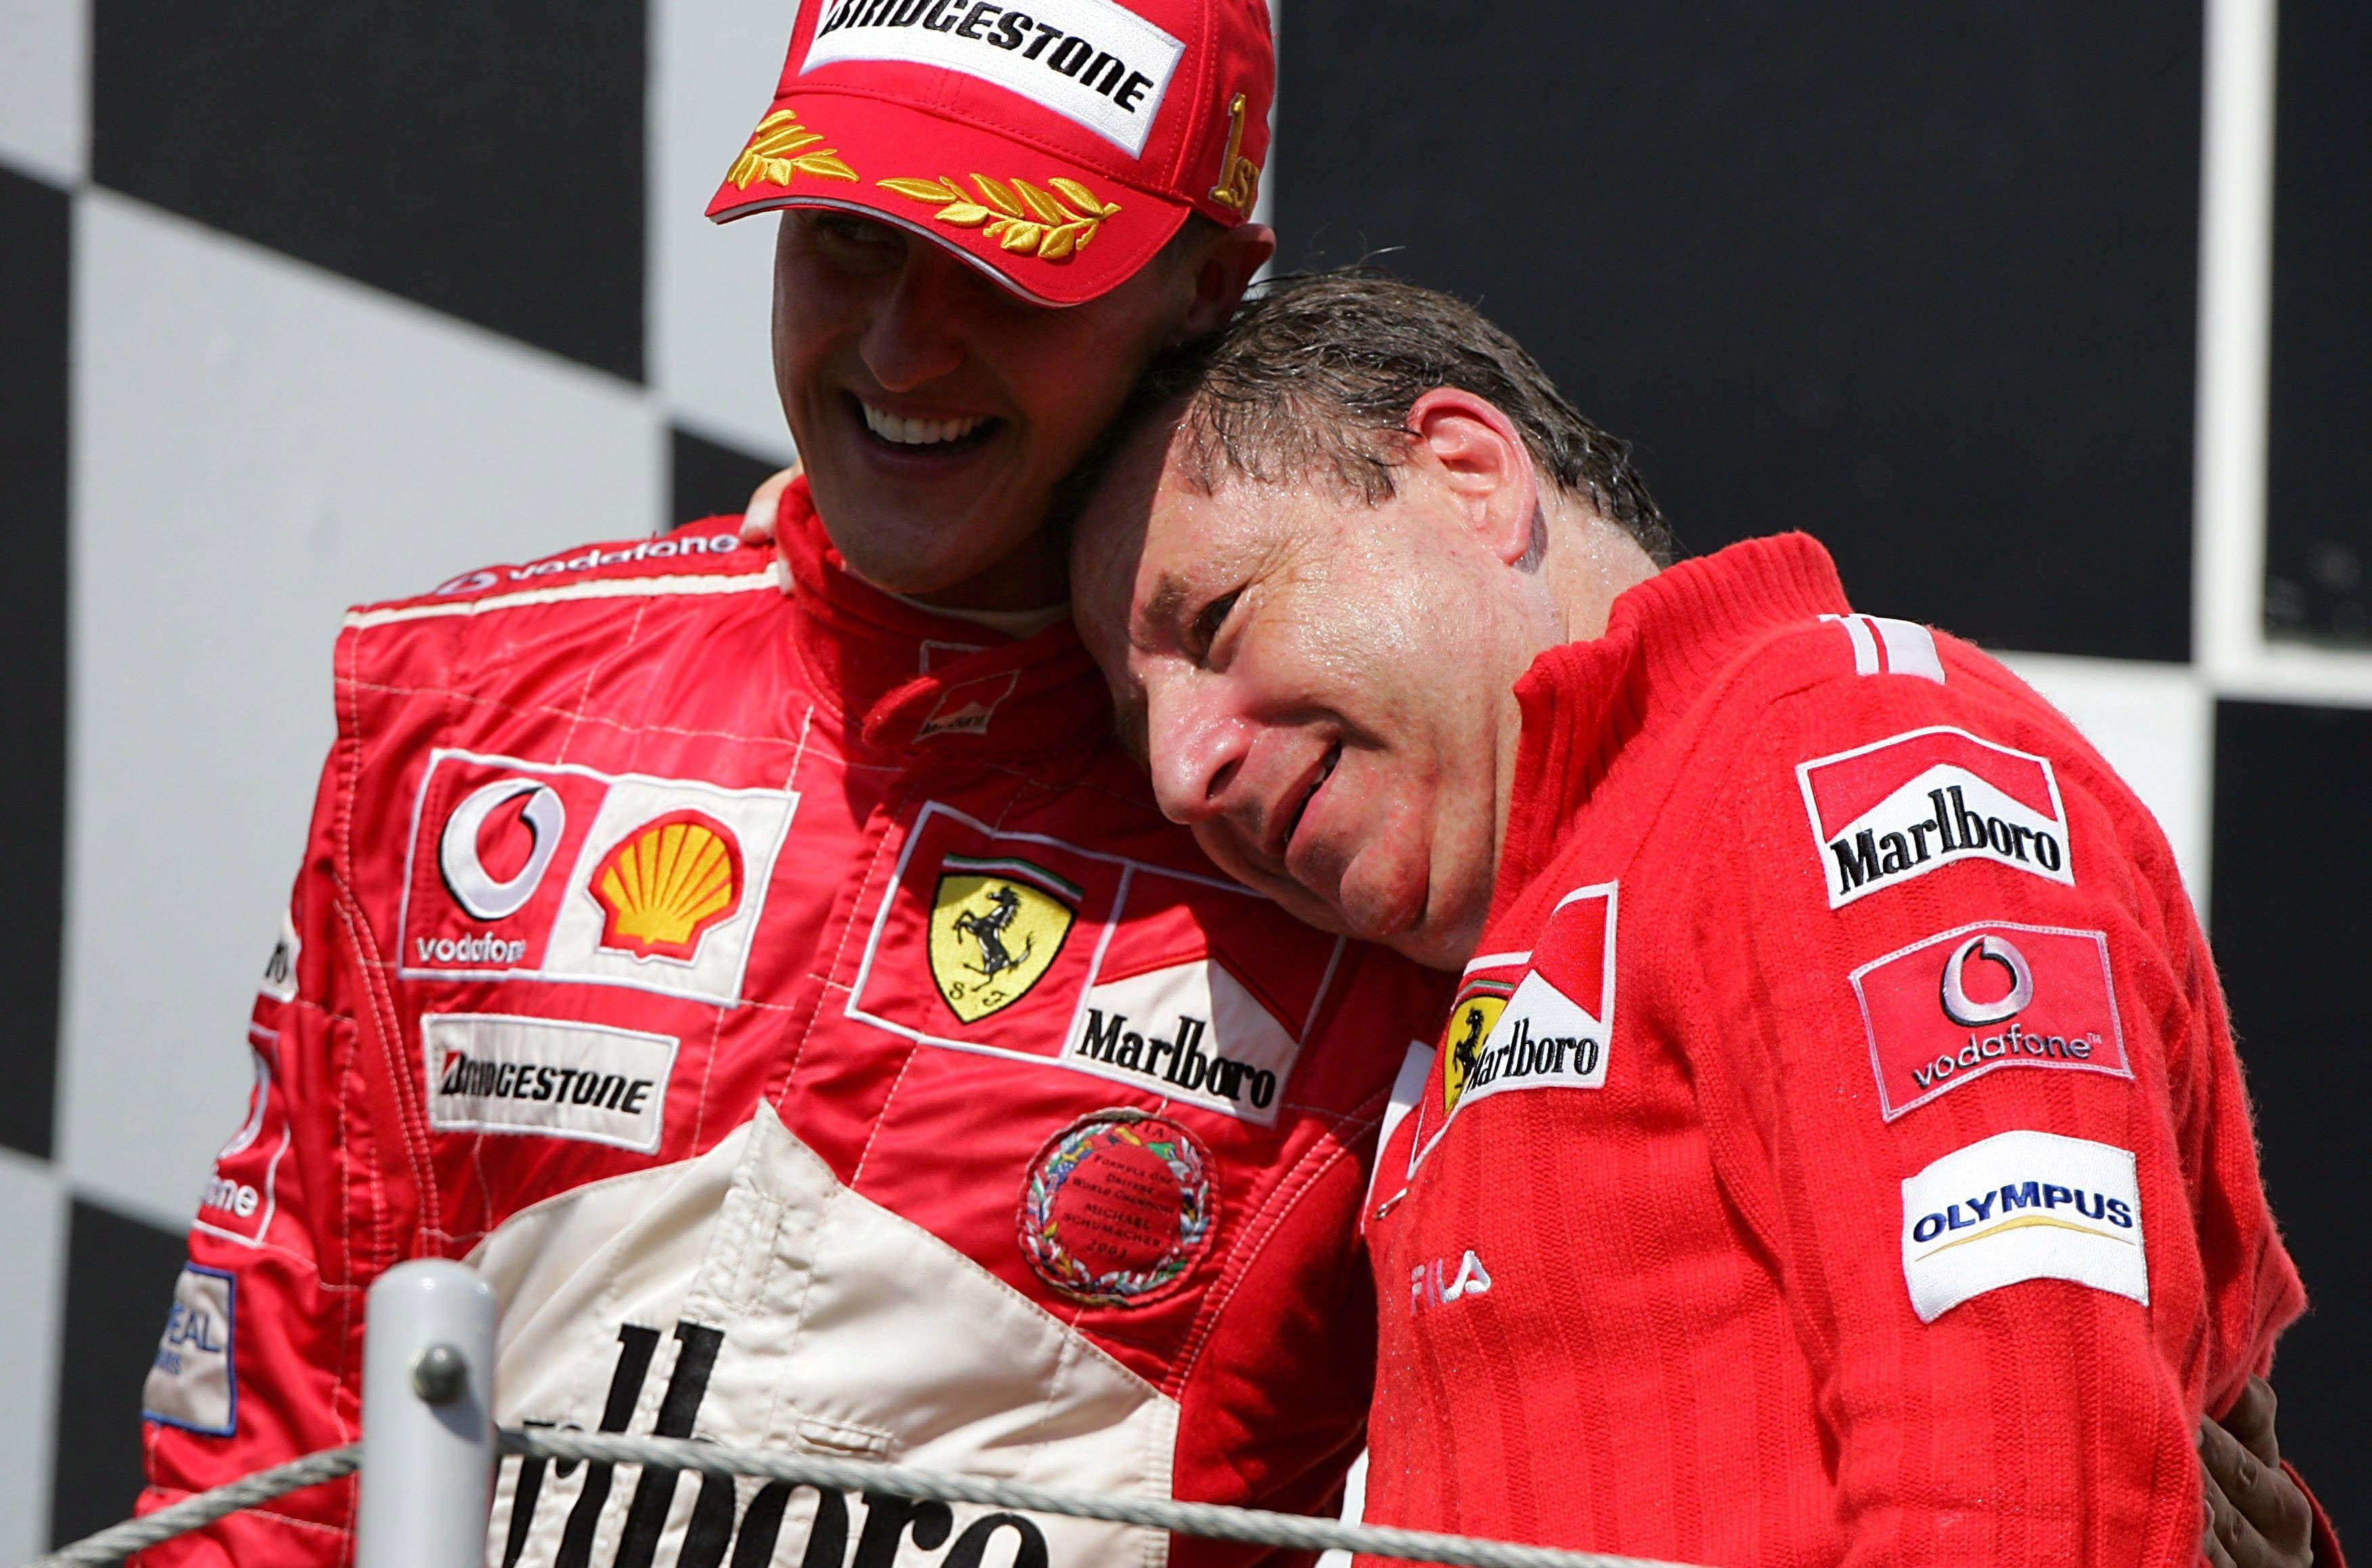 Auto/Moto - Jean Todt a regardé le Grand Prix du Brésil avec Michael Schumacher